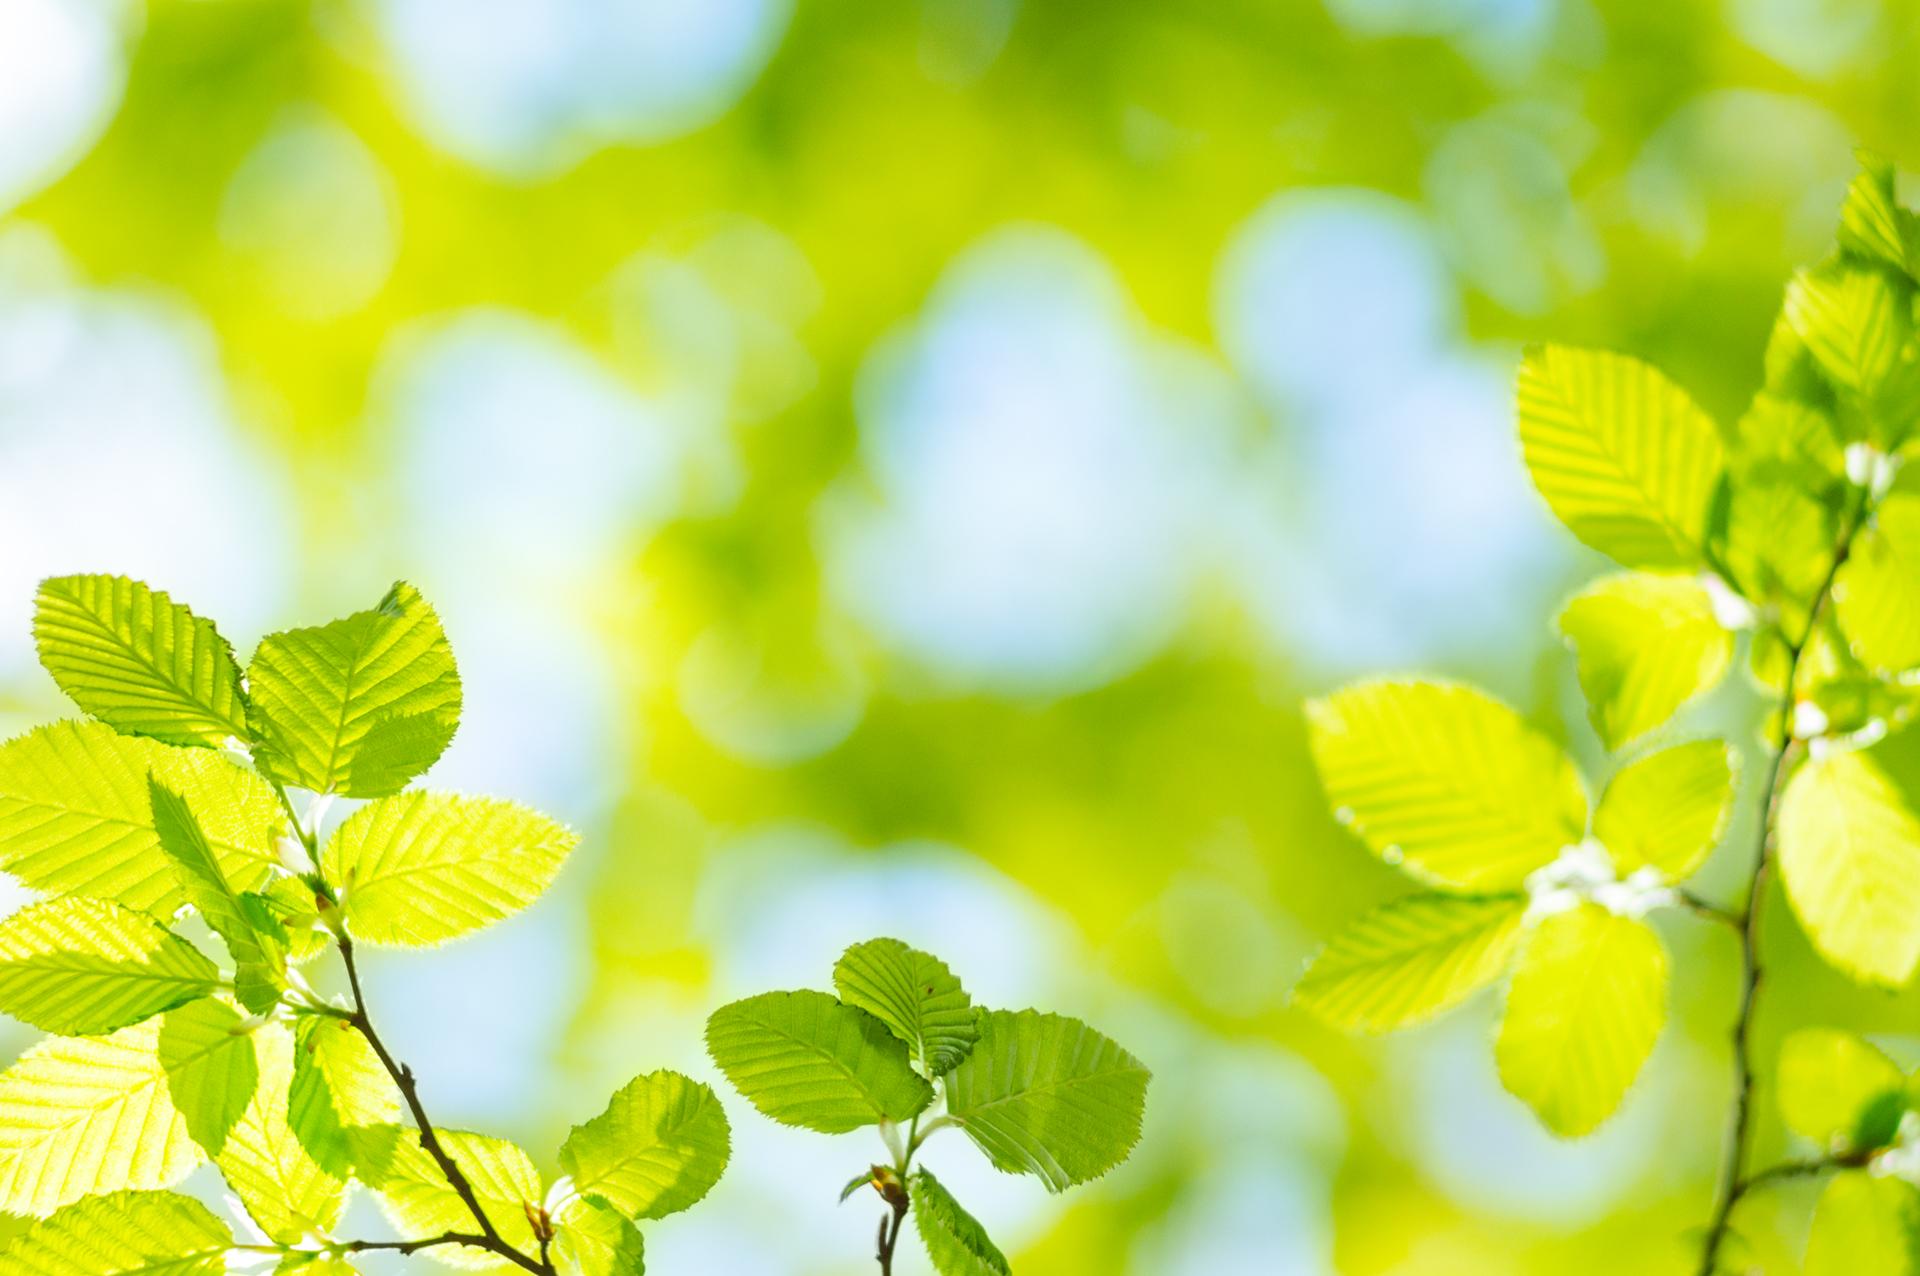 Spring green Leafs – defocused Background